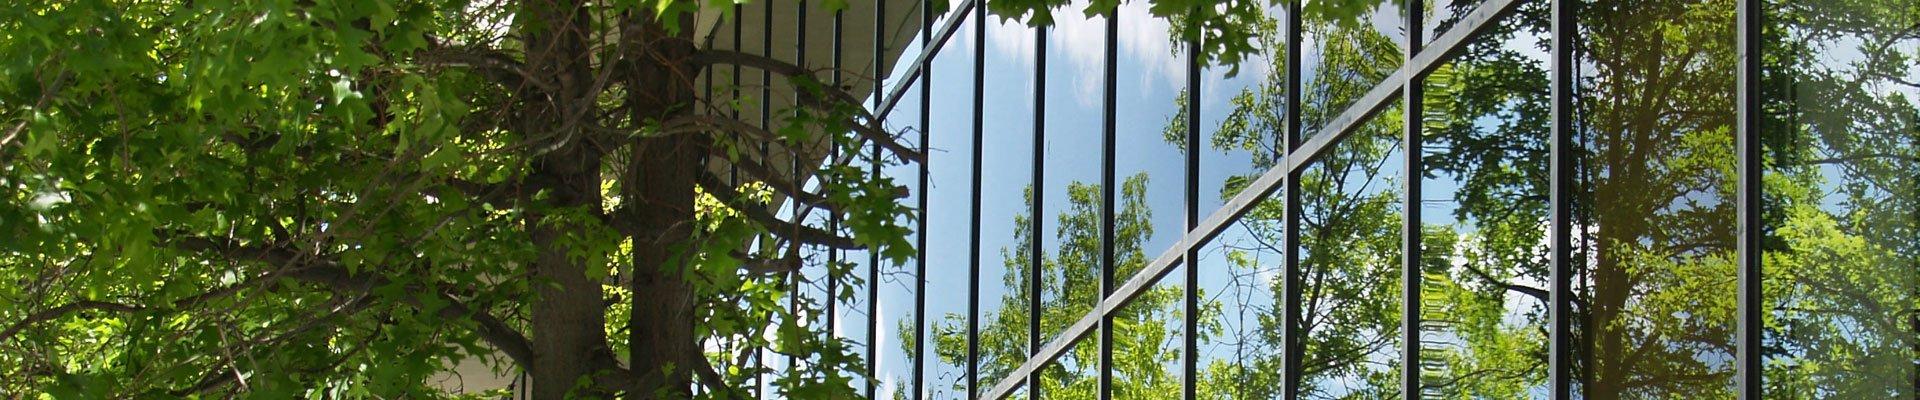 Baum spiegelt sich im Fenster